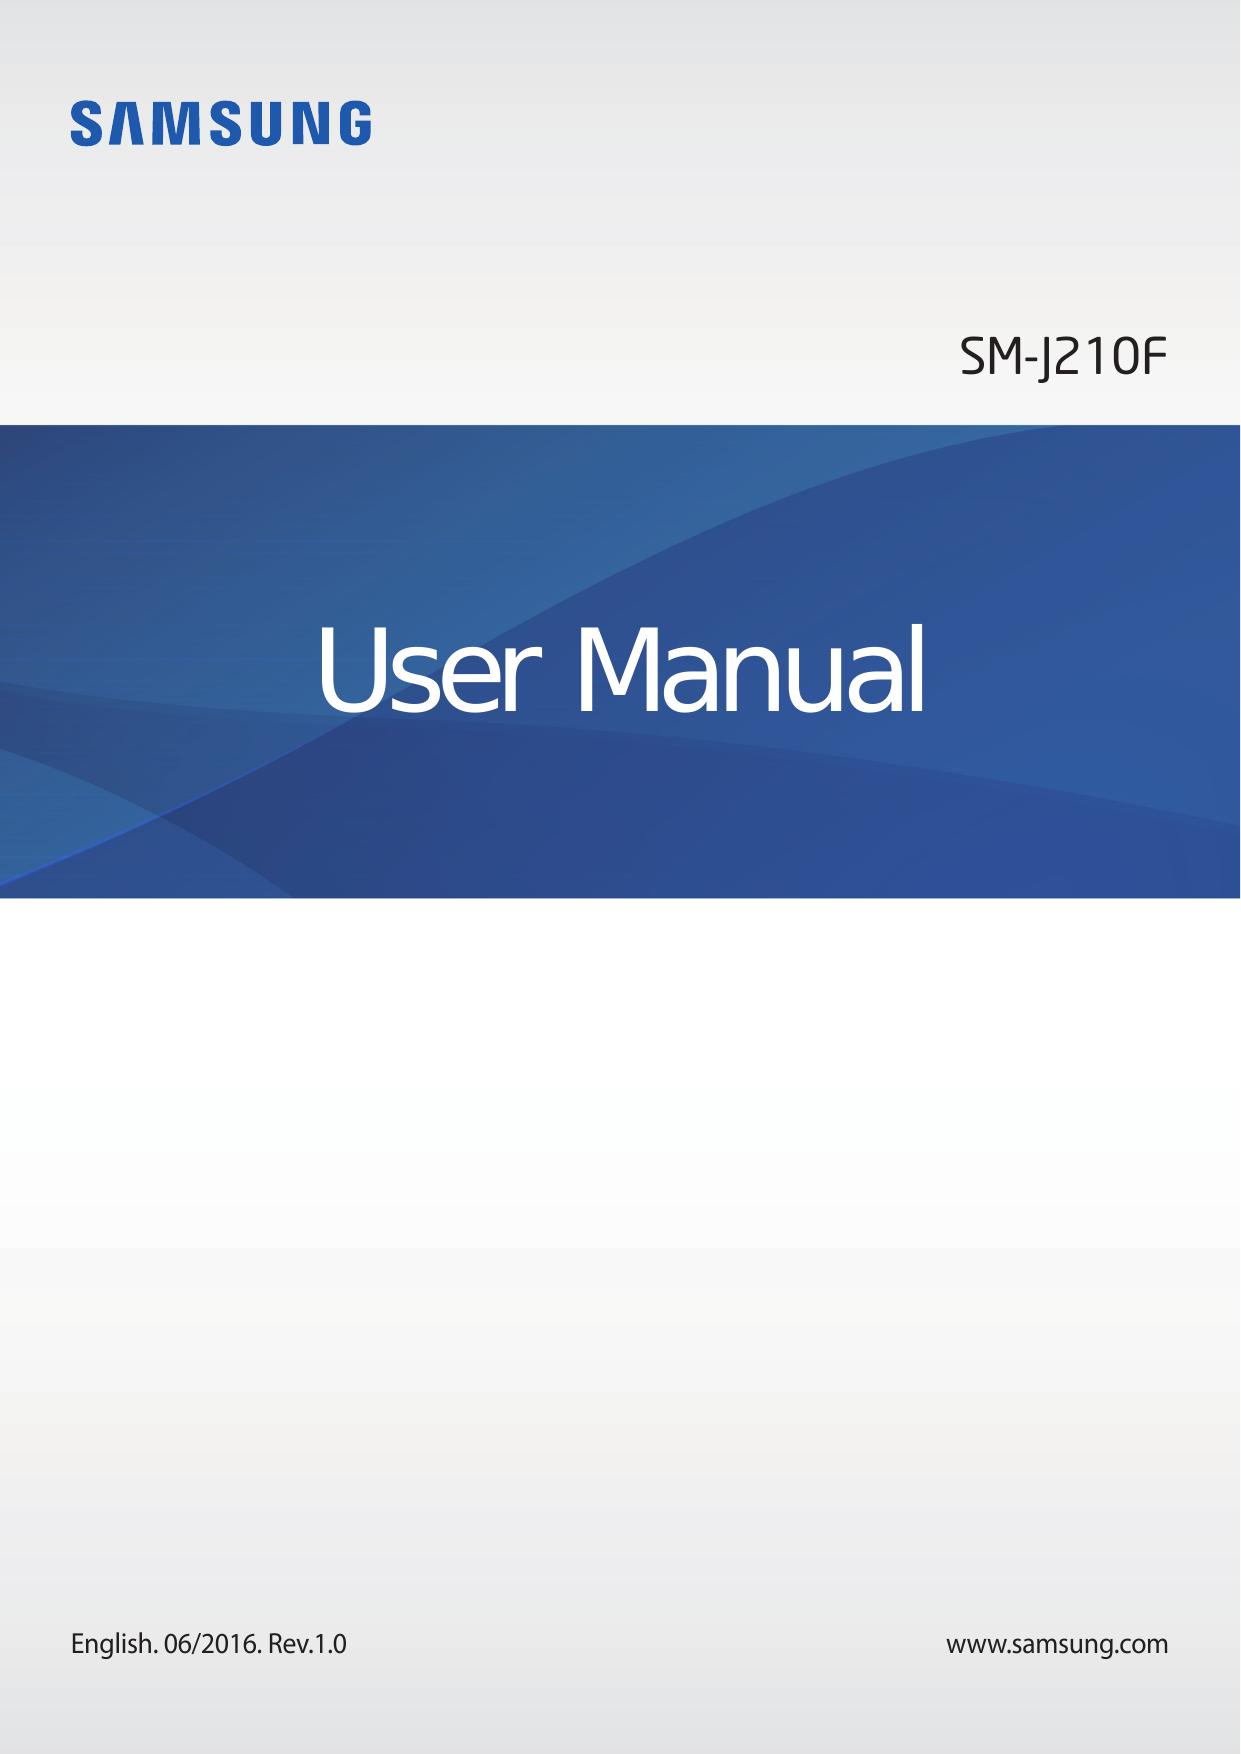 Samsung J210f Schematic Diagram Free Download - Somurich com